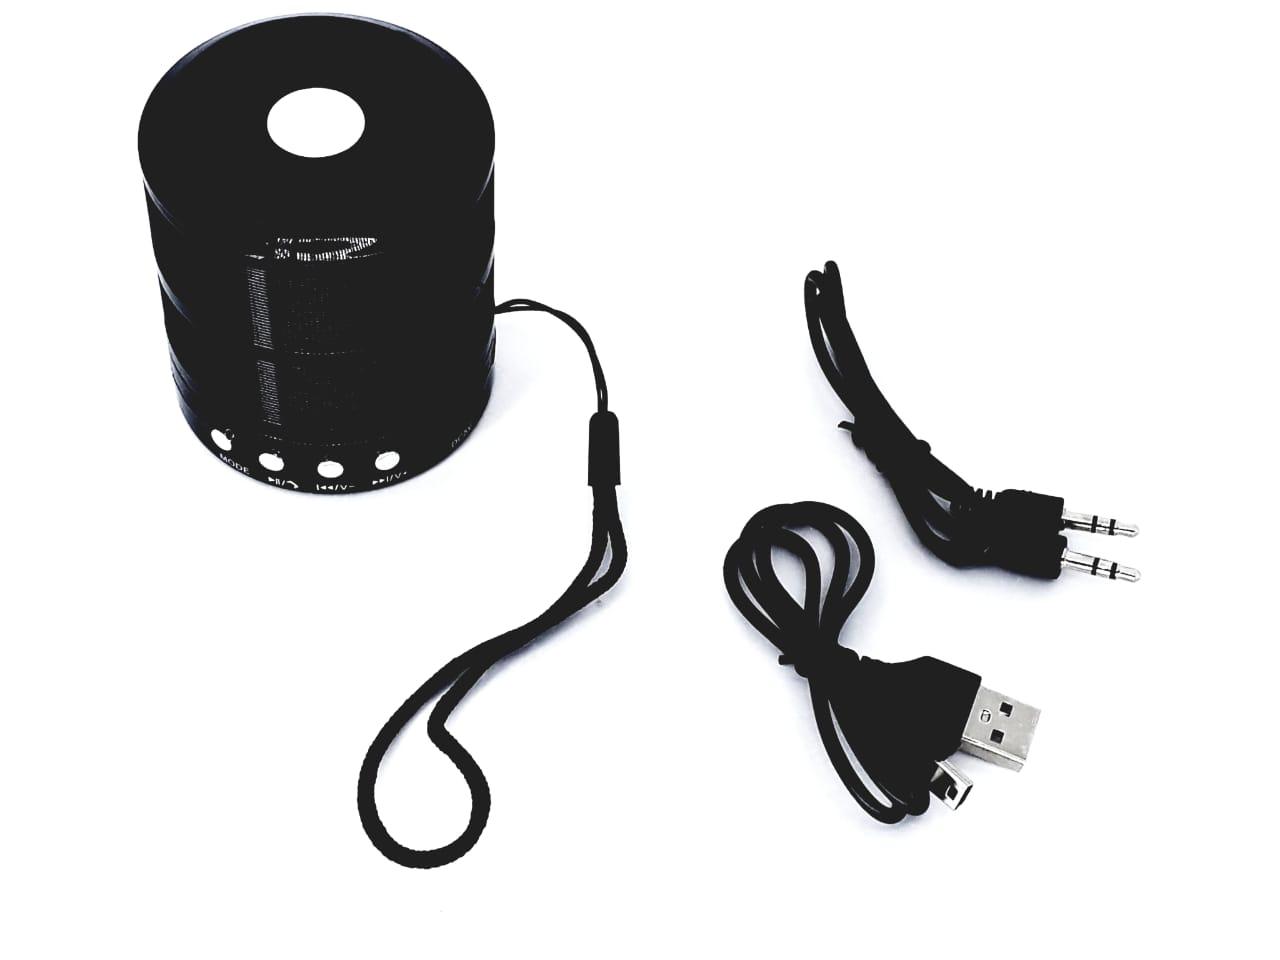 Kit 2 peças Caixa Caixinha Som Bluetooth + Fone ouvido bluetooth